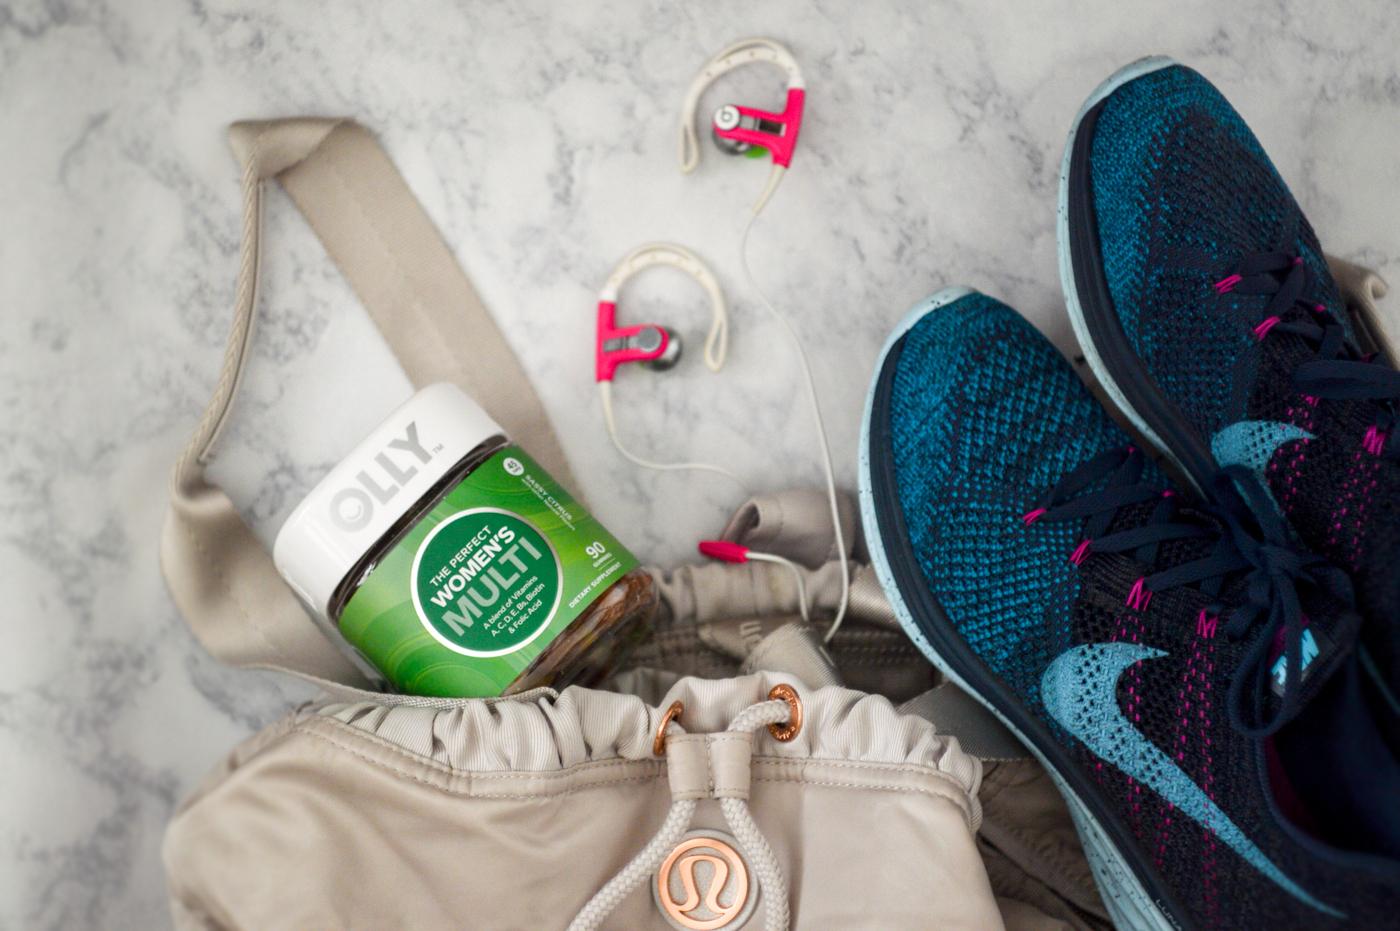 Healthy Habits & Beautiful Routines via. Birdie Shoots